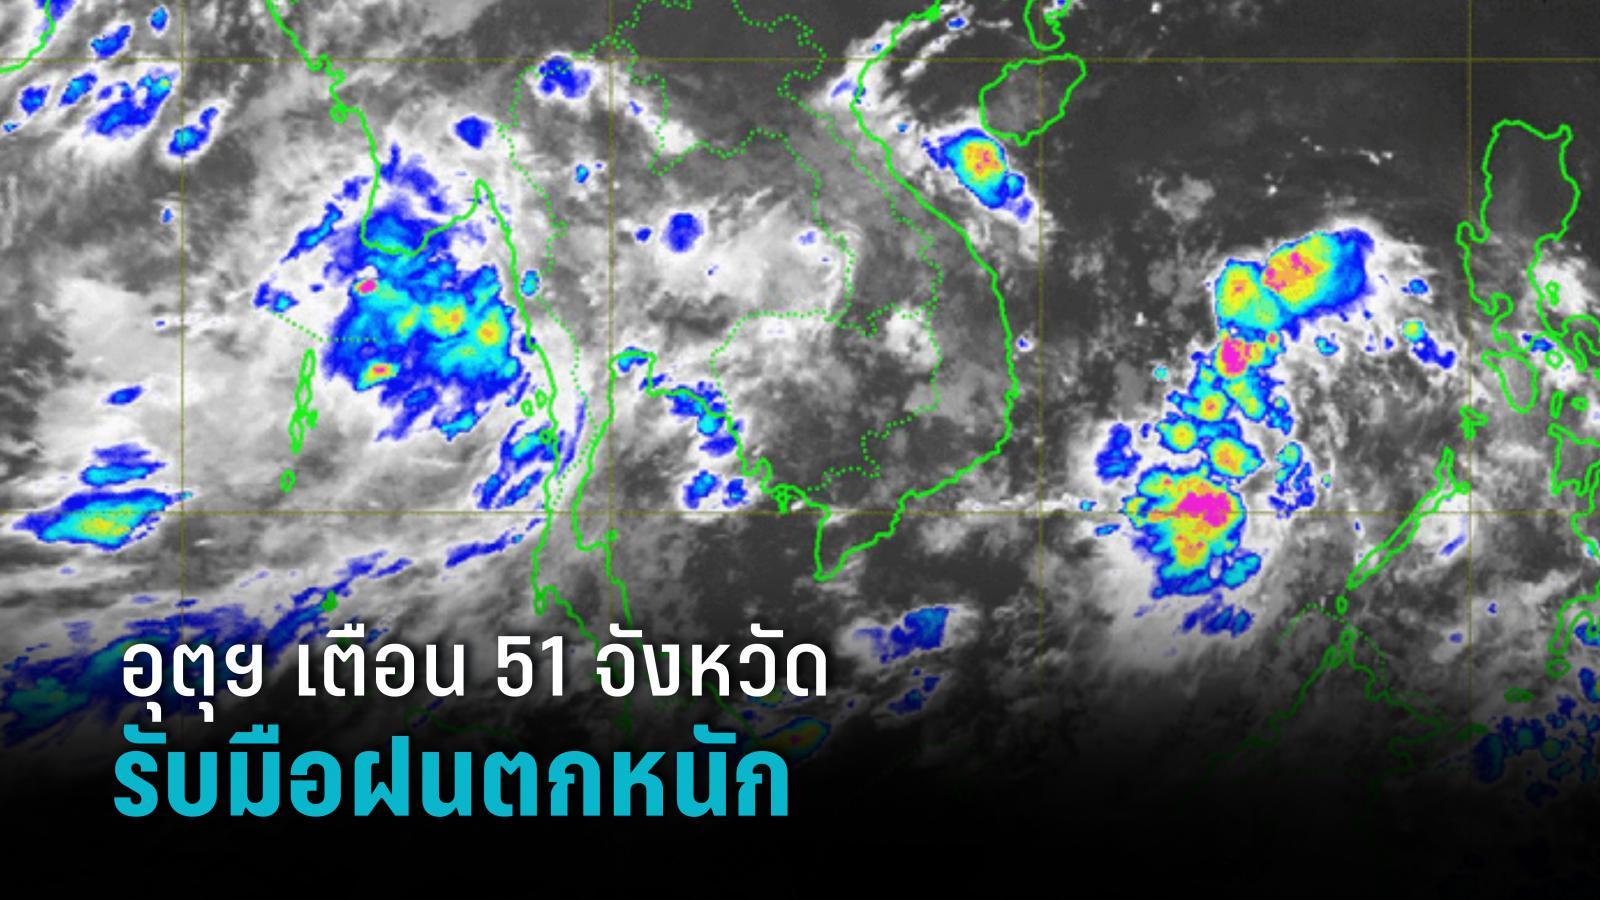 อุตุฯ เตือน 51 จังหวัดรับมือฝนตกหนัก